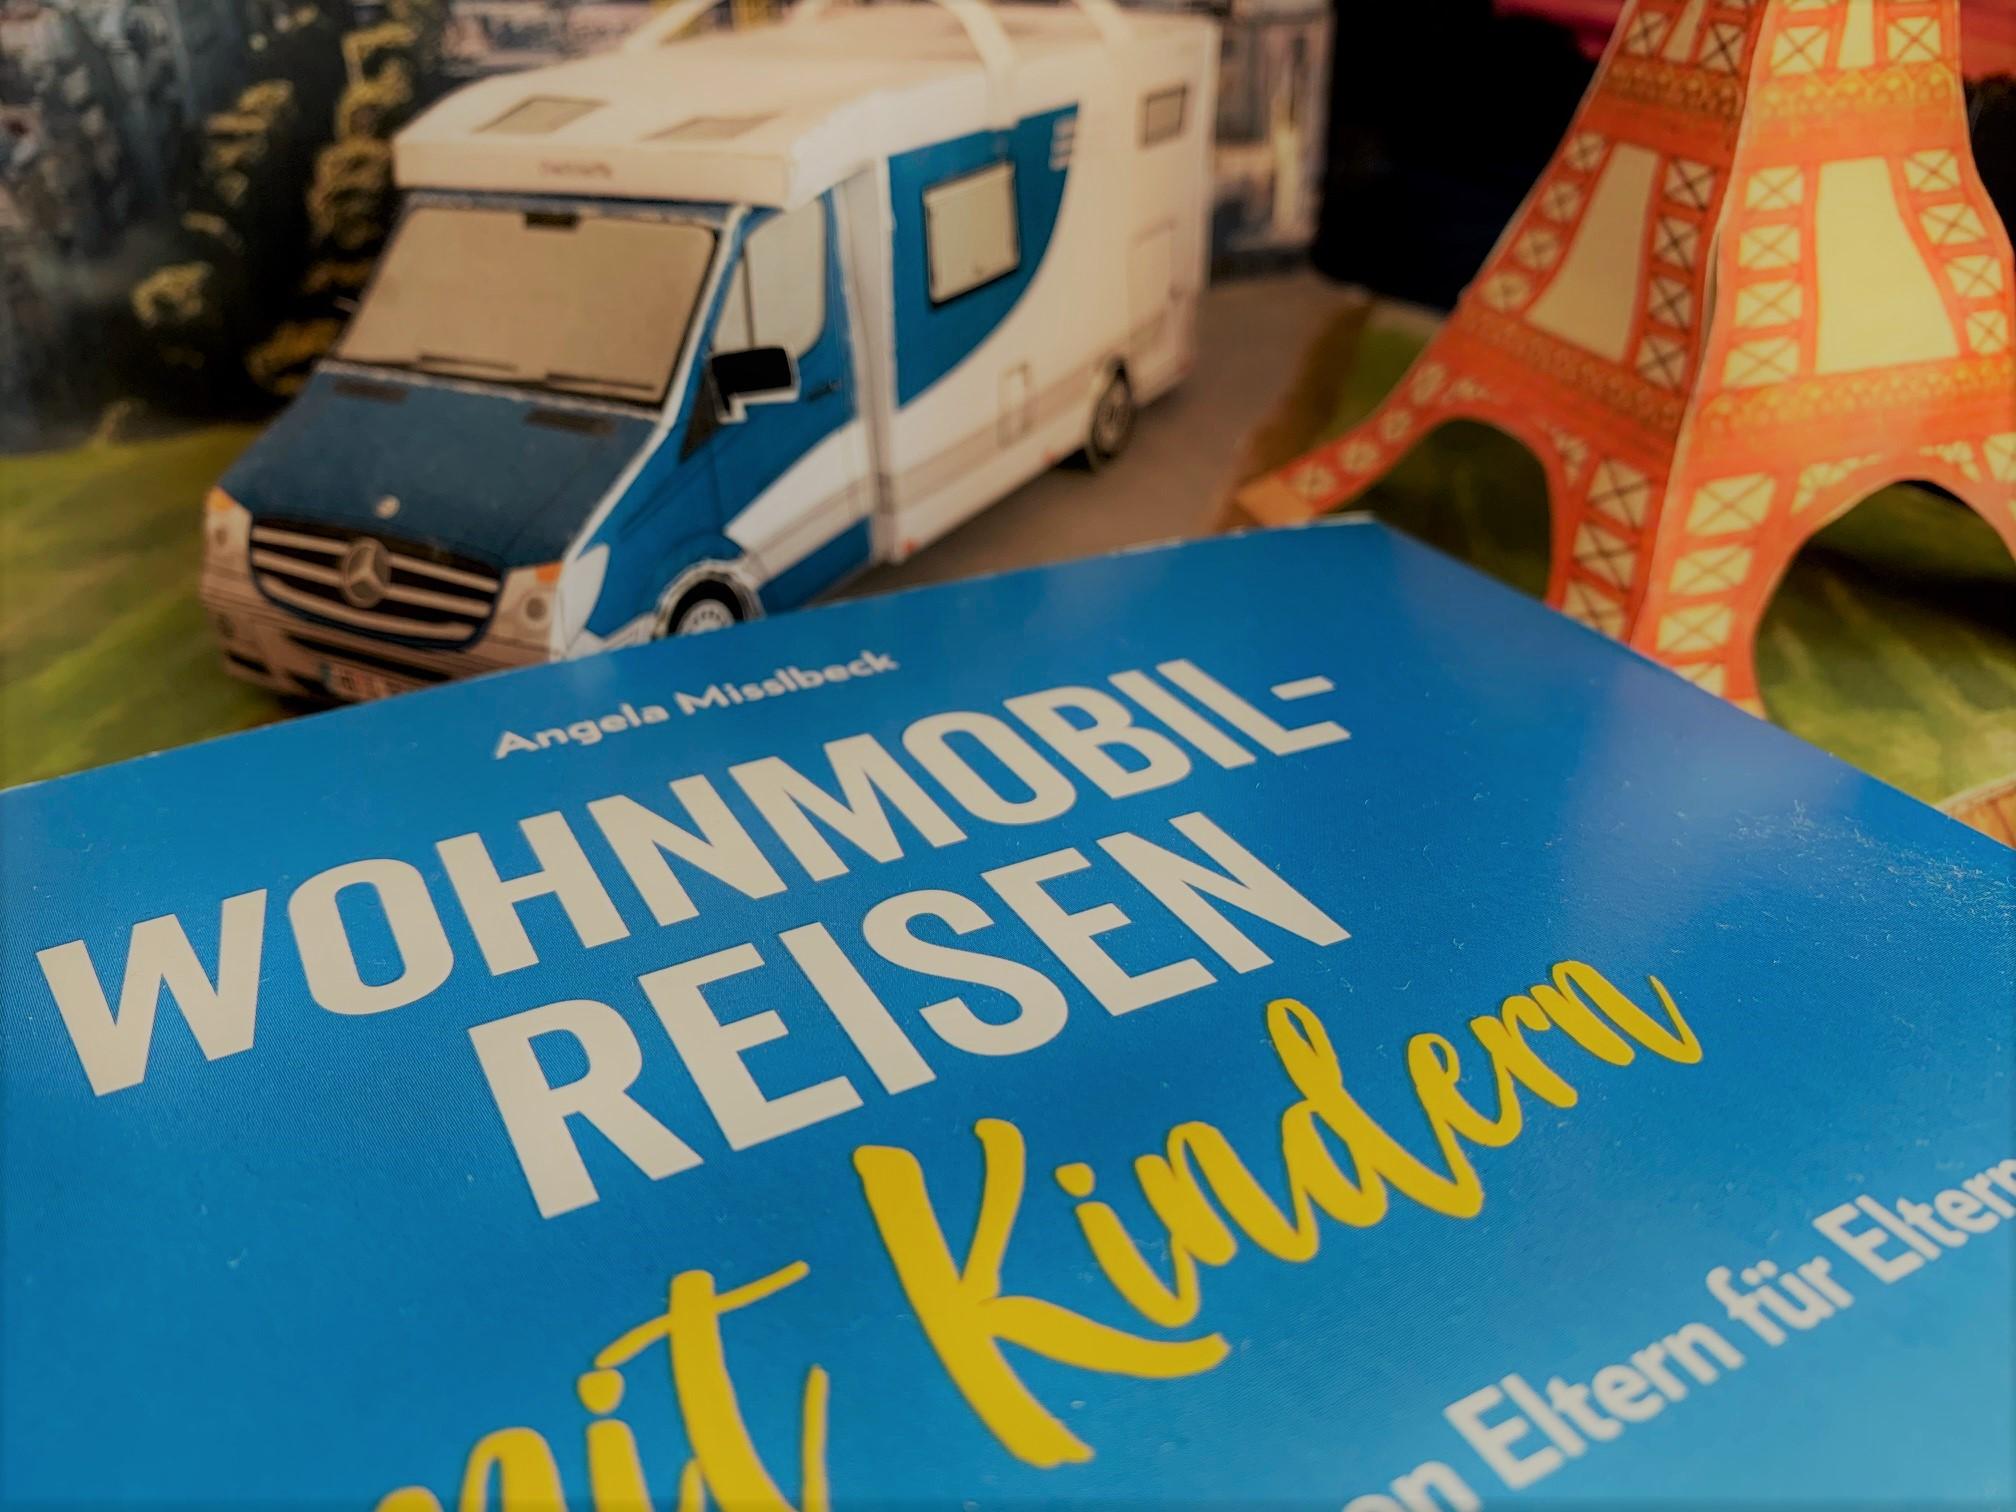 Wohnmobil-Reisen mit Kindern – ein Buch für Eltern